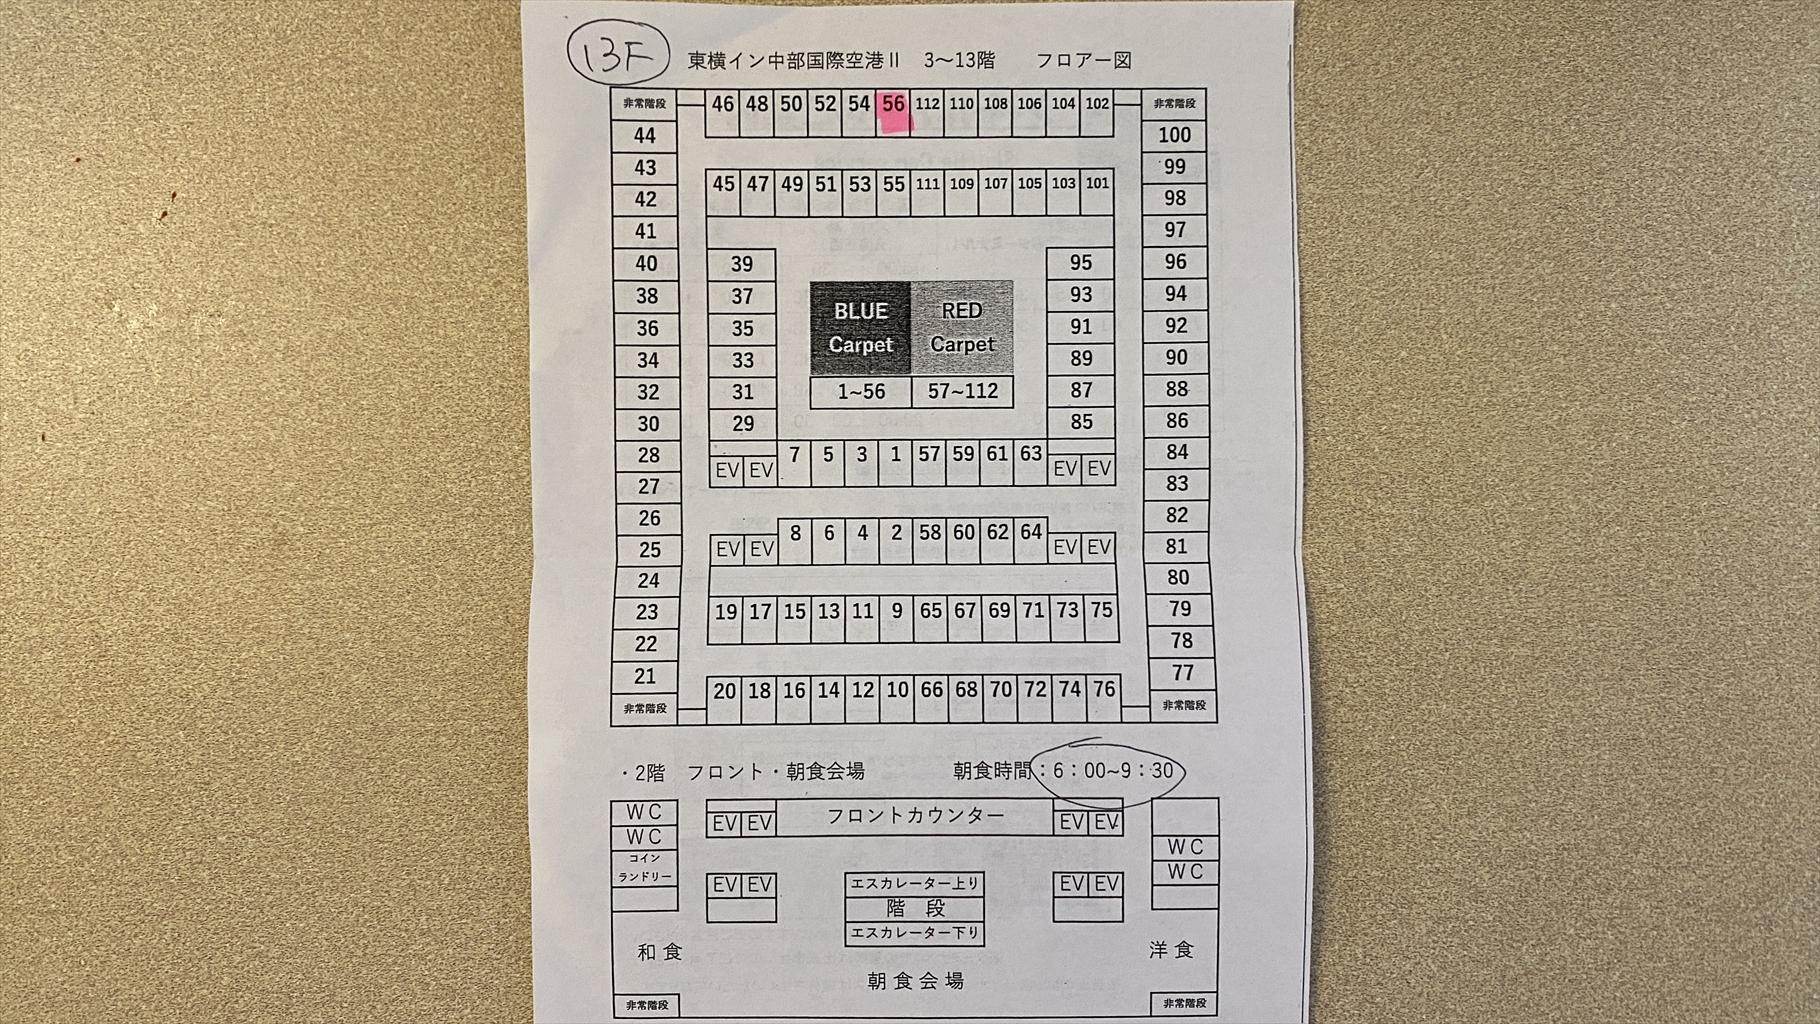 東横INN中部国際空港2 滞在記 21年6月滞在